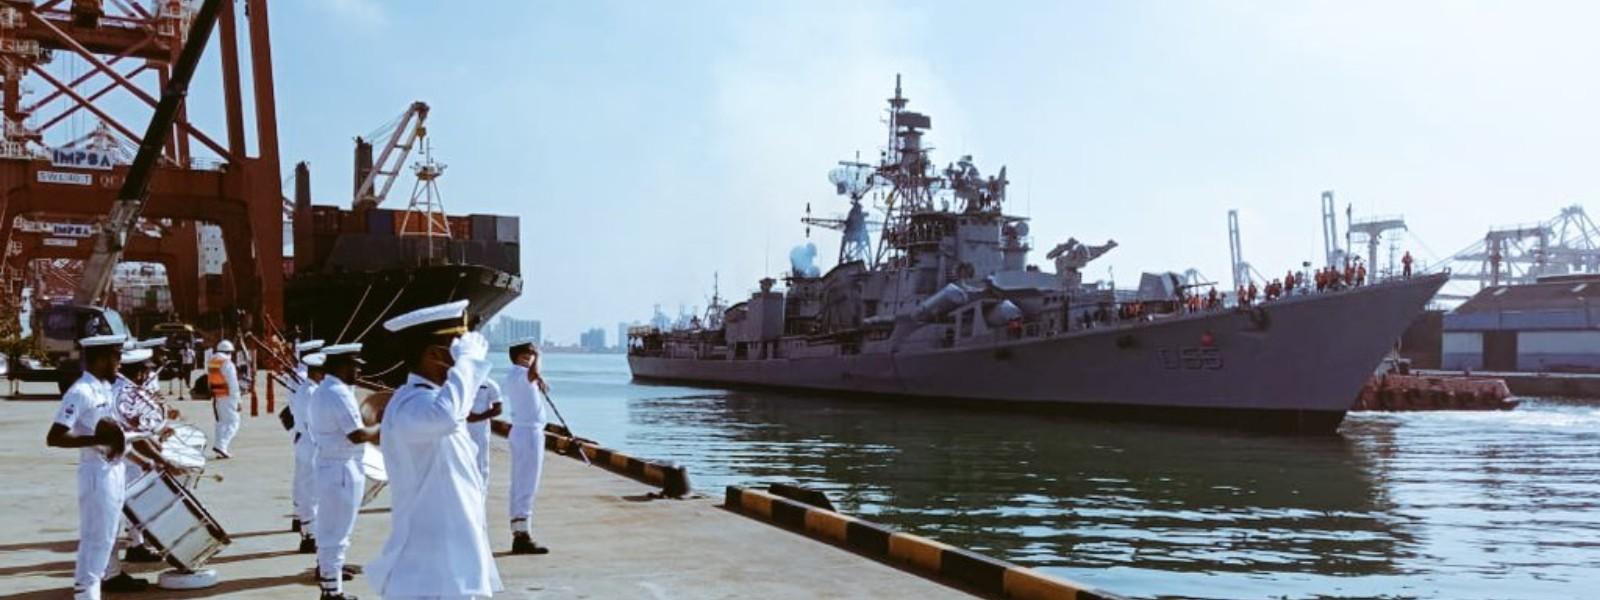 Indian Navy destroyer INS Ranavijay in Sri Lanka